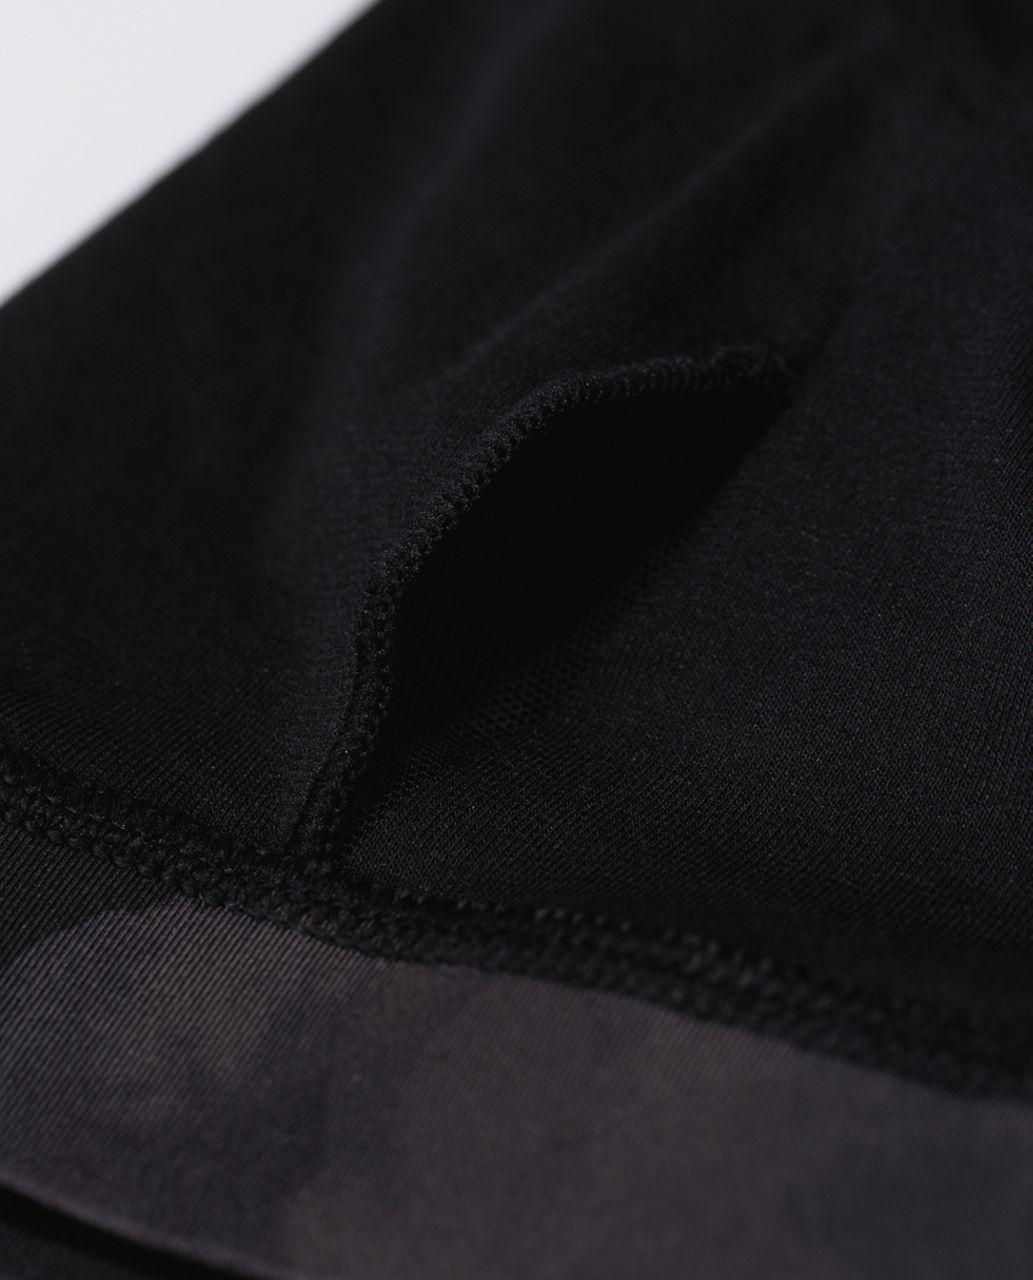 Lululemon Energy Bra - Inky Floral Soot Black / Black